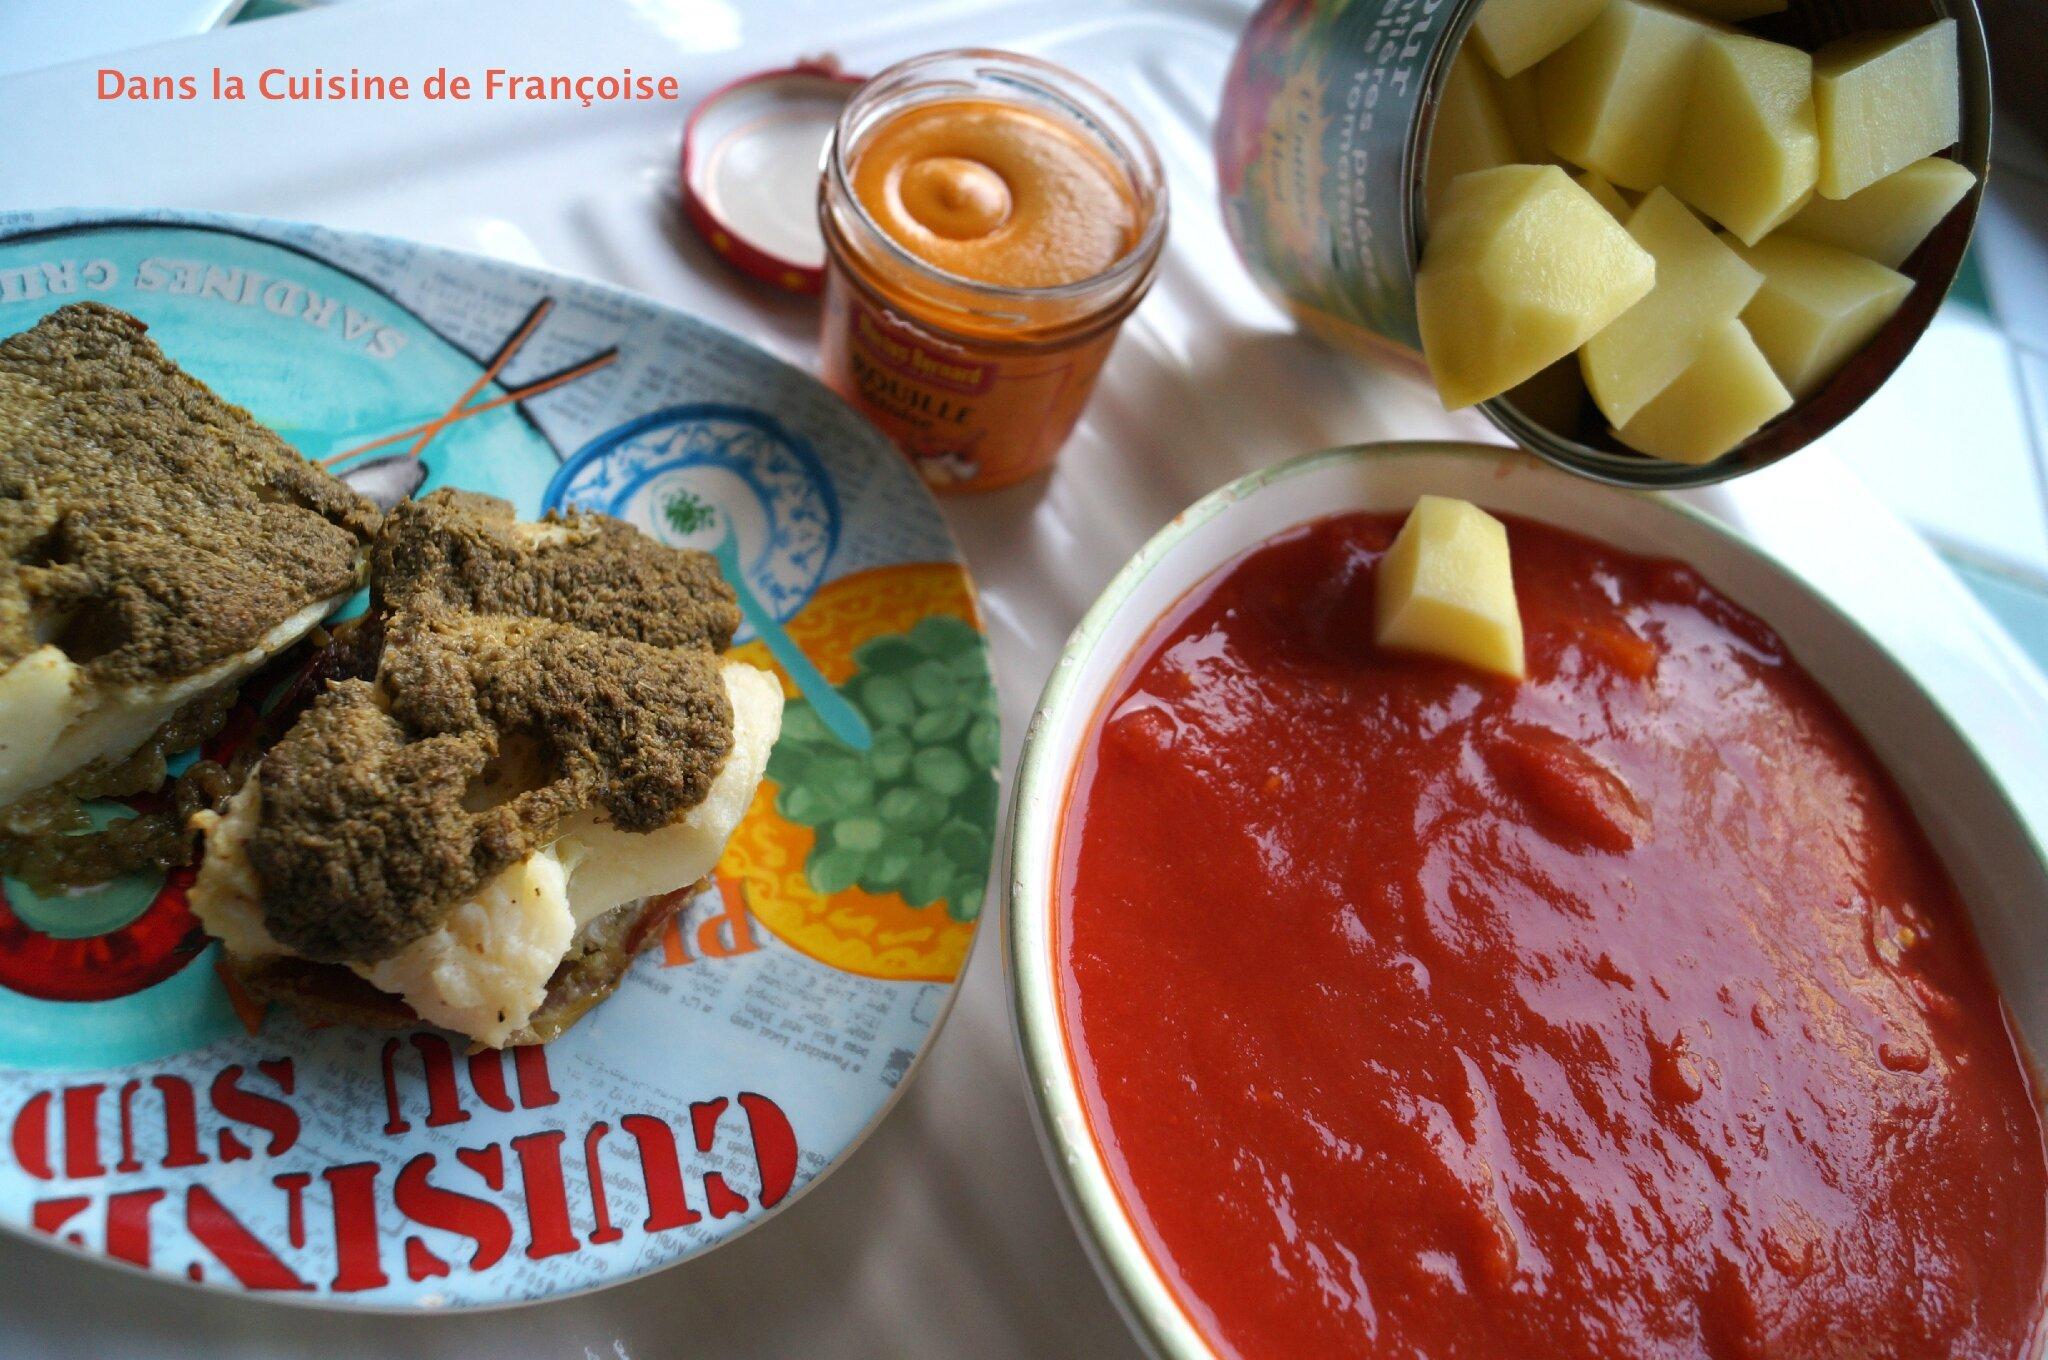 Soupe de poisson avec un reste de cabillaud dans la for Reste de cuisine